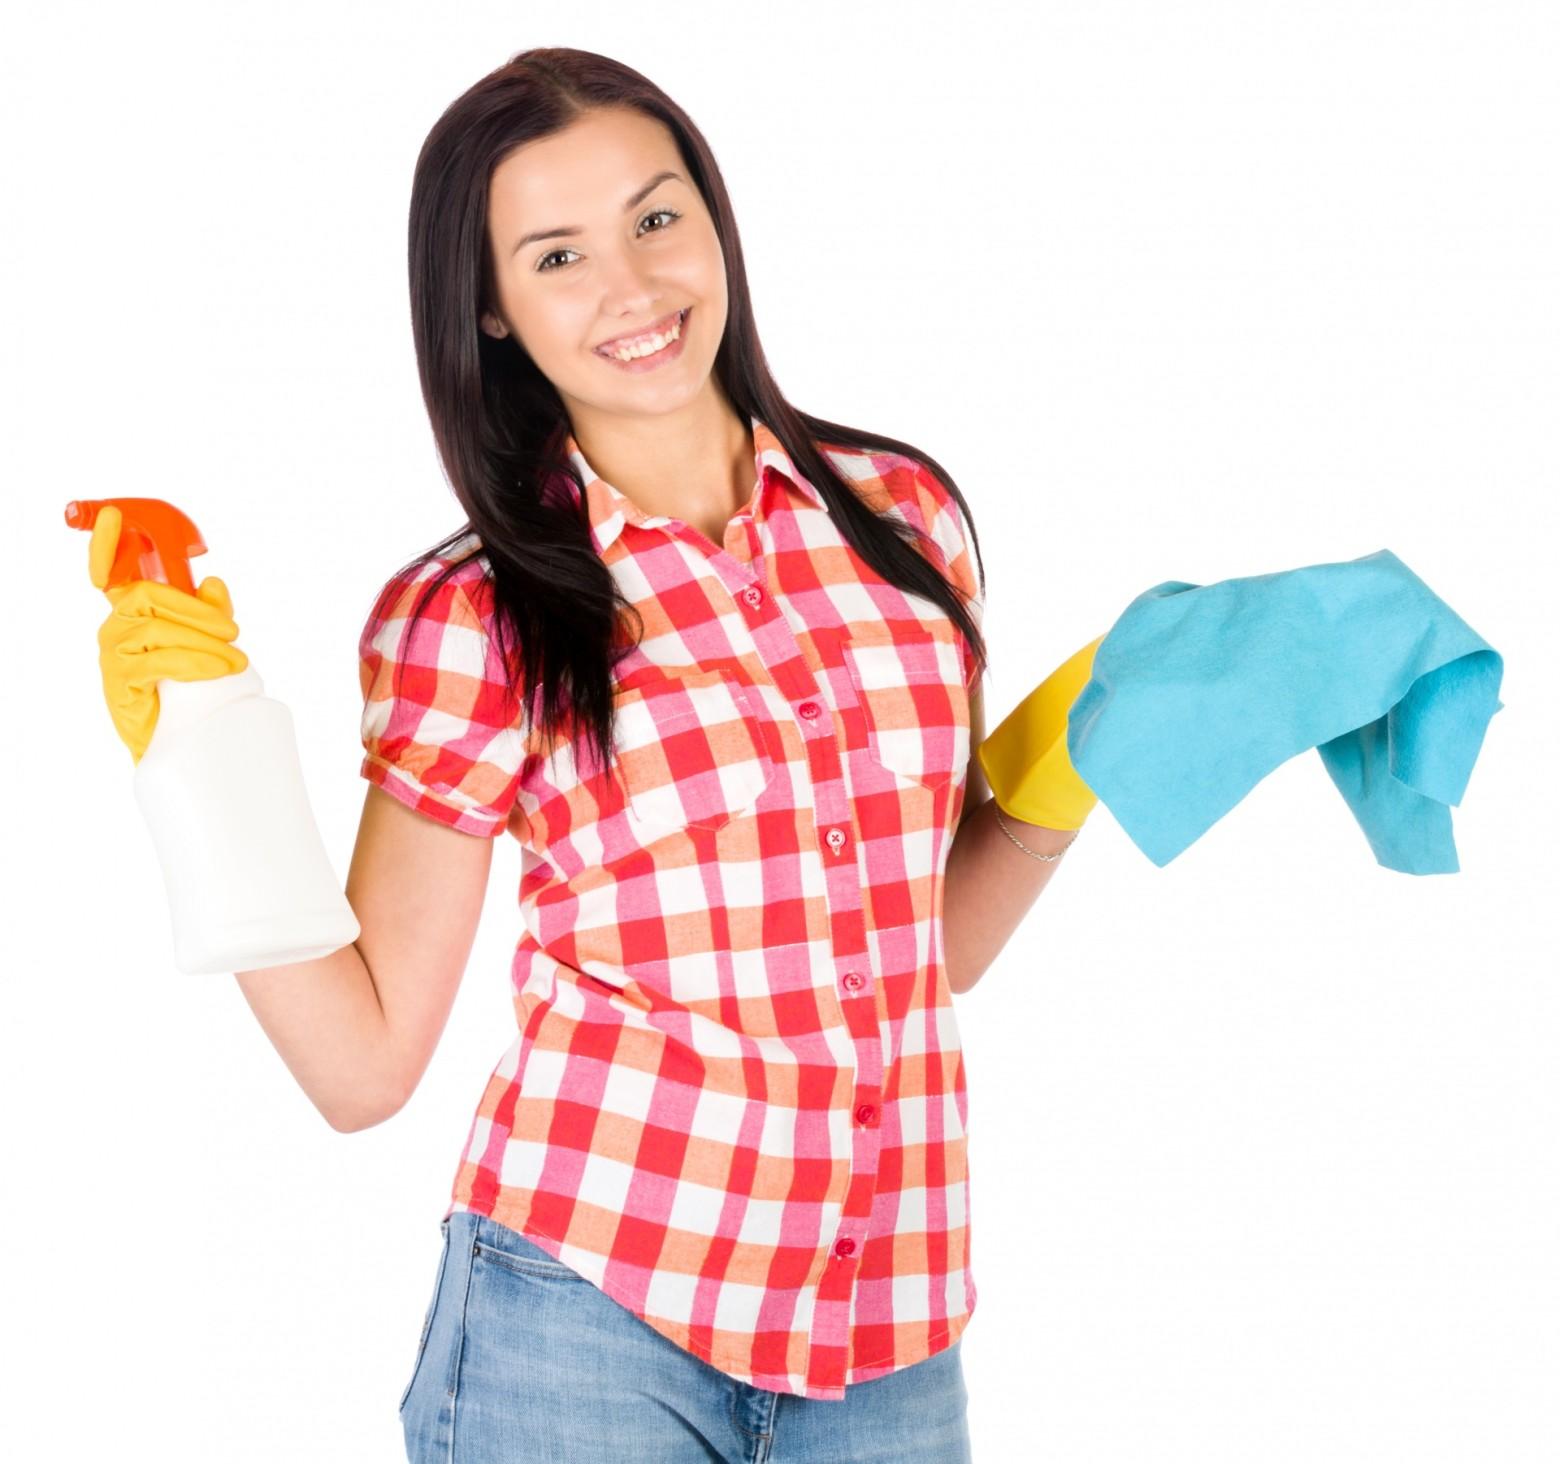 Nettoyage de locaux : qui doit-on contacter?